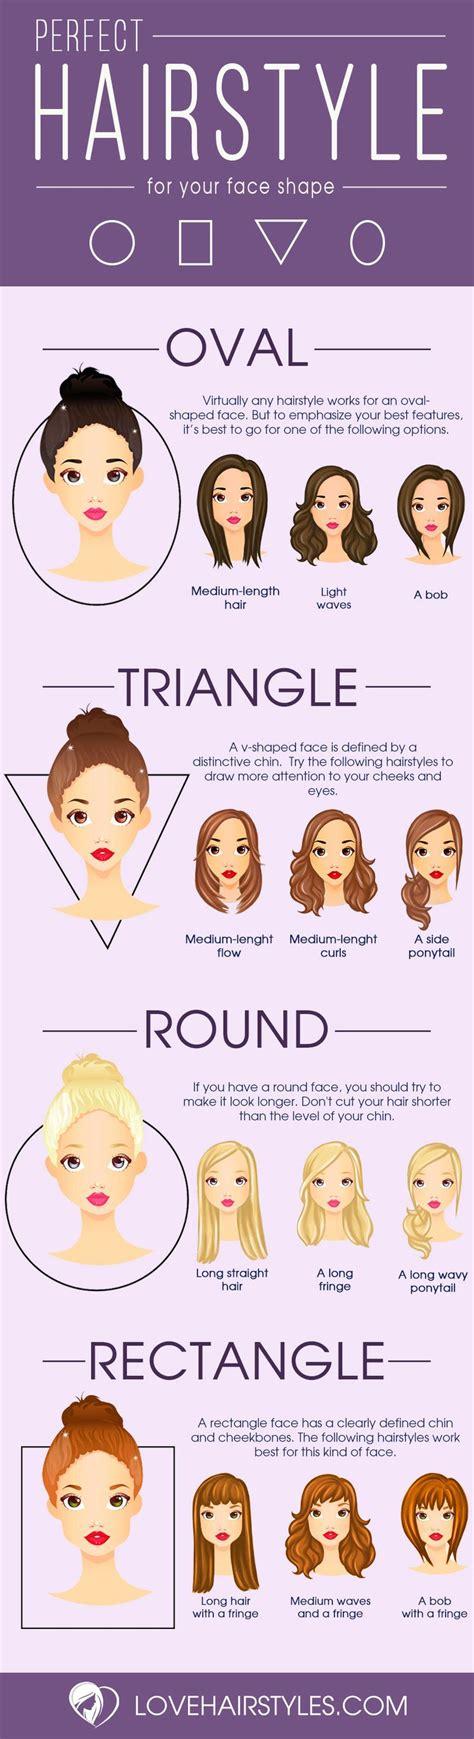 best shape best 25 shape hairstyles ideas on